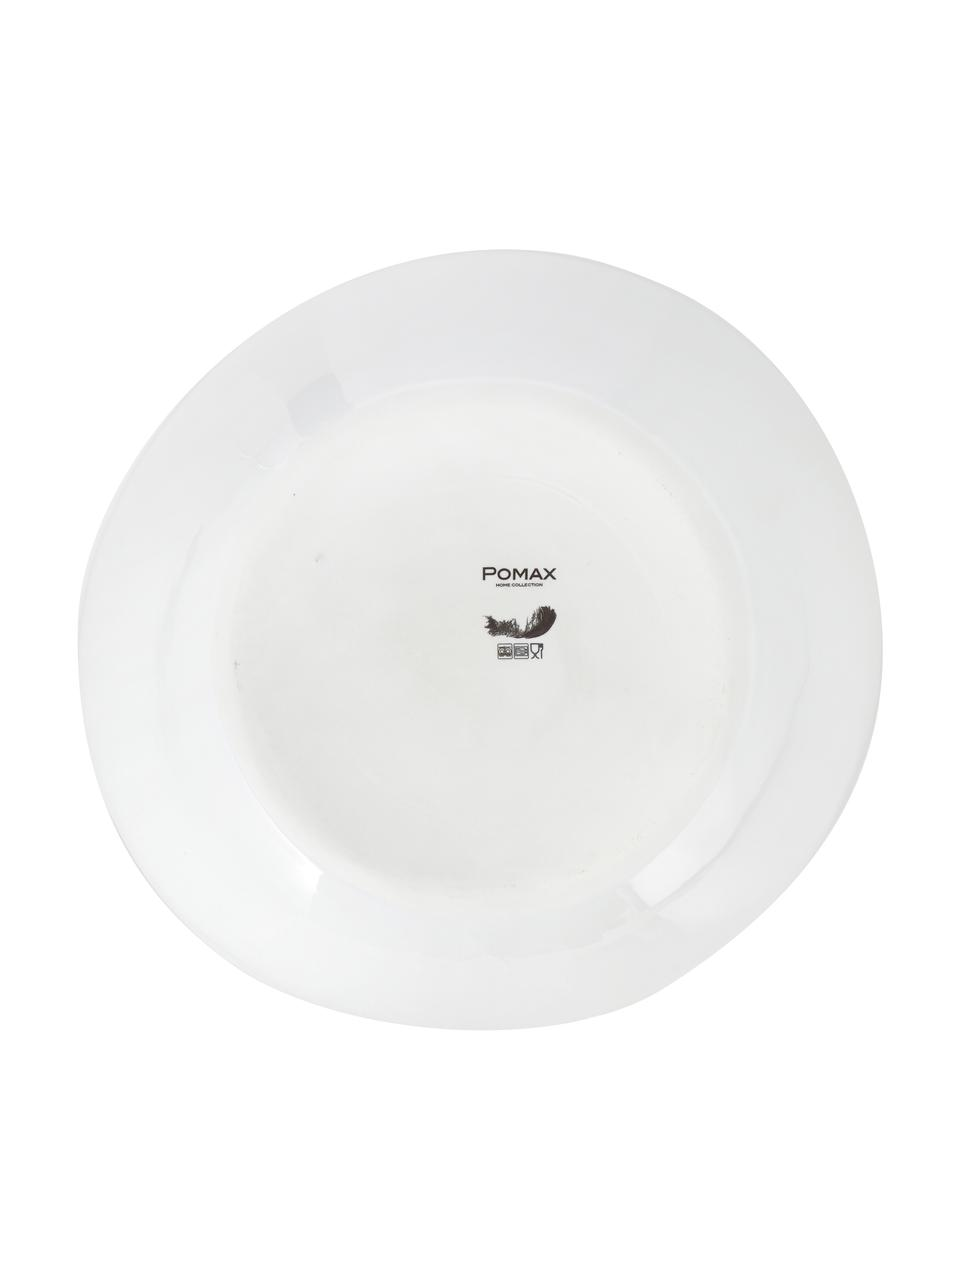 Ovale Schüssel Porcelino mit unebener Oberfläche, B 33 x T 37 cm, Porzellan, gewollt ungleichmäßig, Weiß, B 33 x T 37 cm